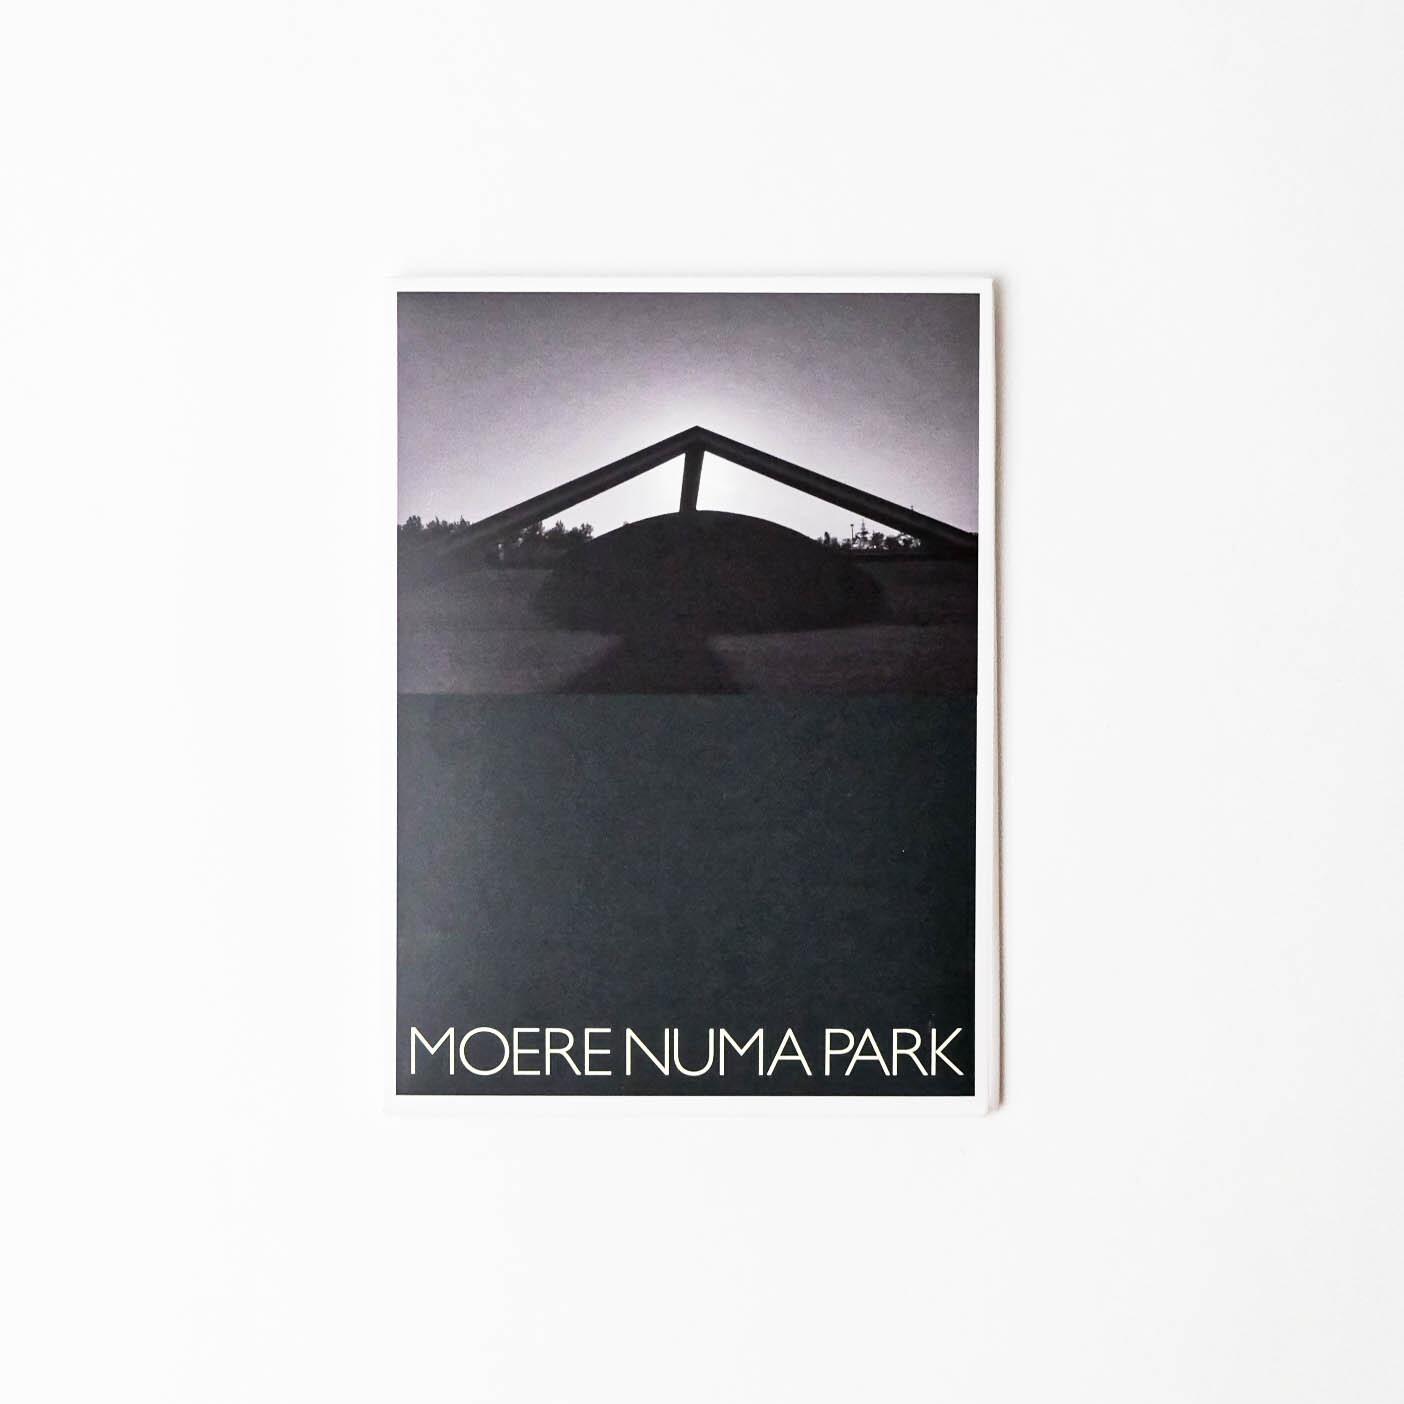 イサムノグチ モエレ沼公園ポストカード8枚セット